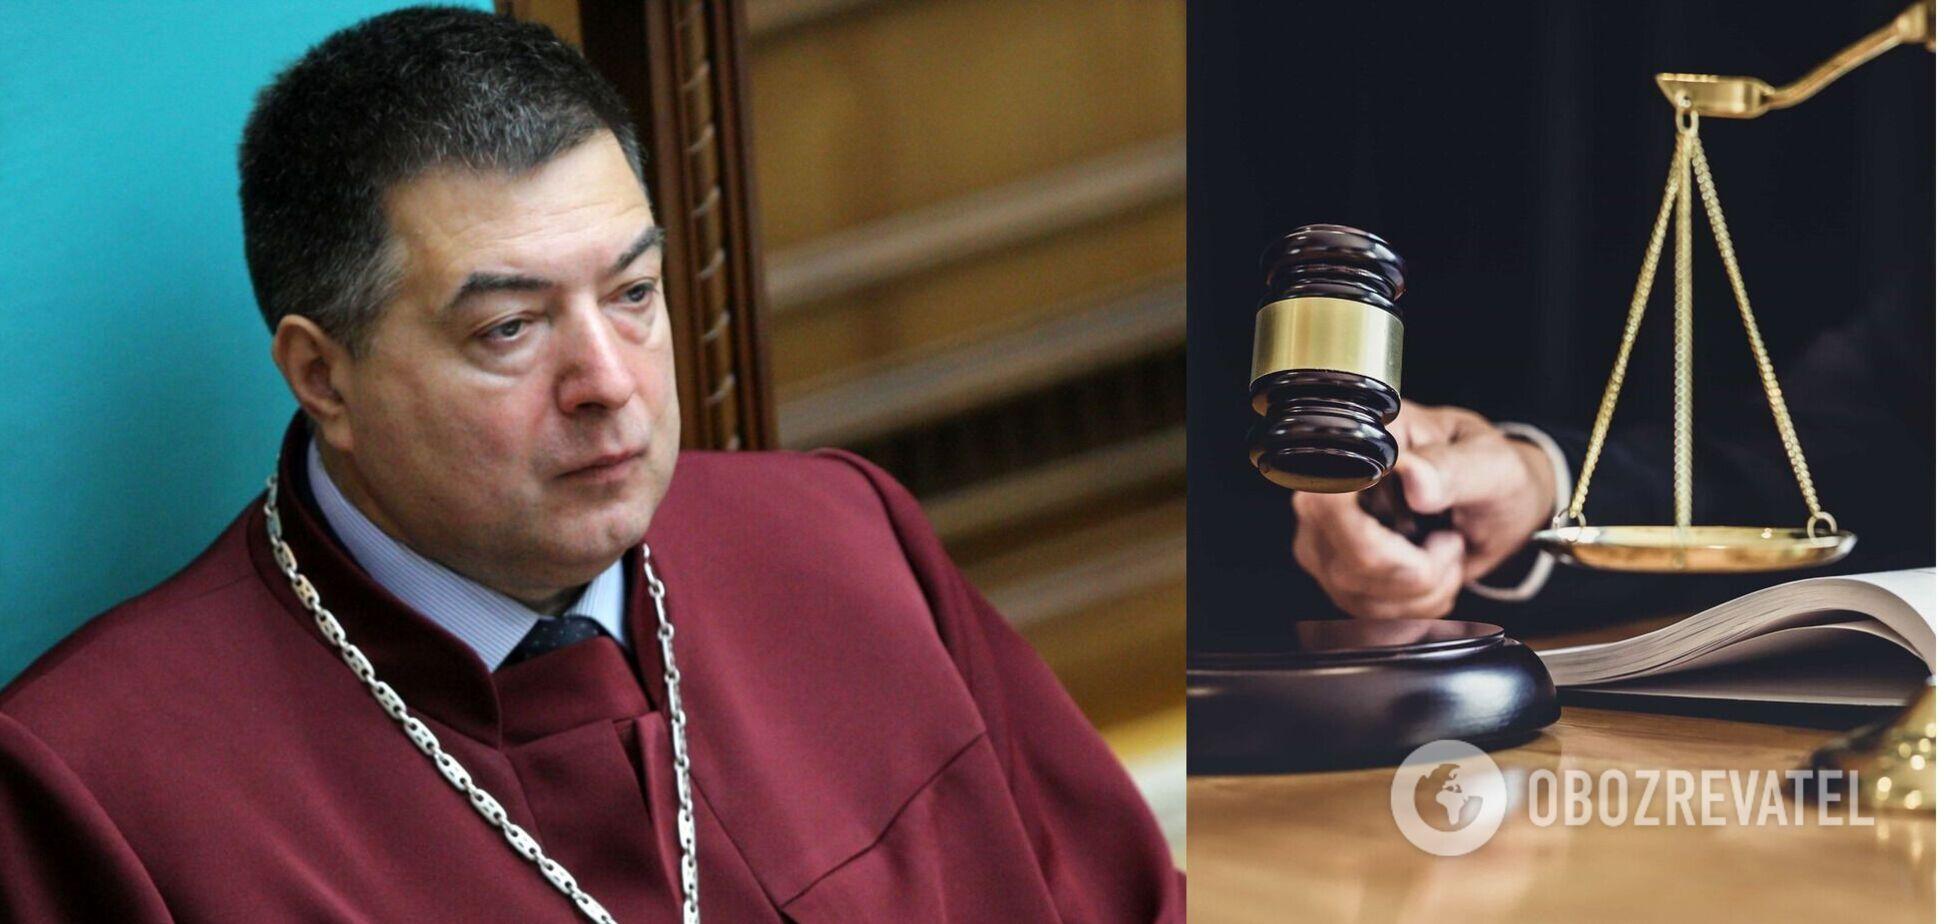 Тупицький не з'явився на суд, прокуратура вимагає примусовий привід